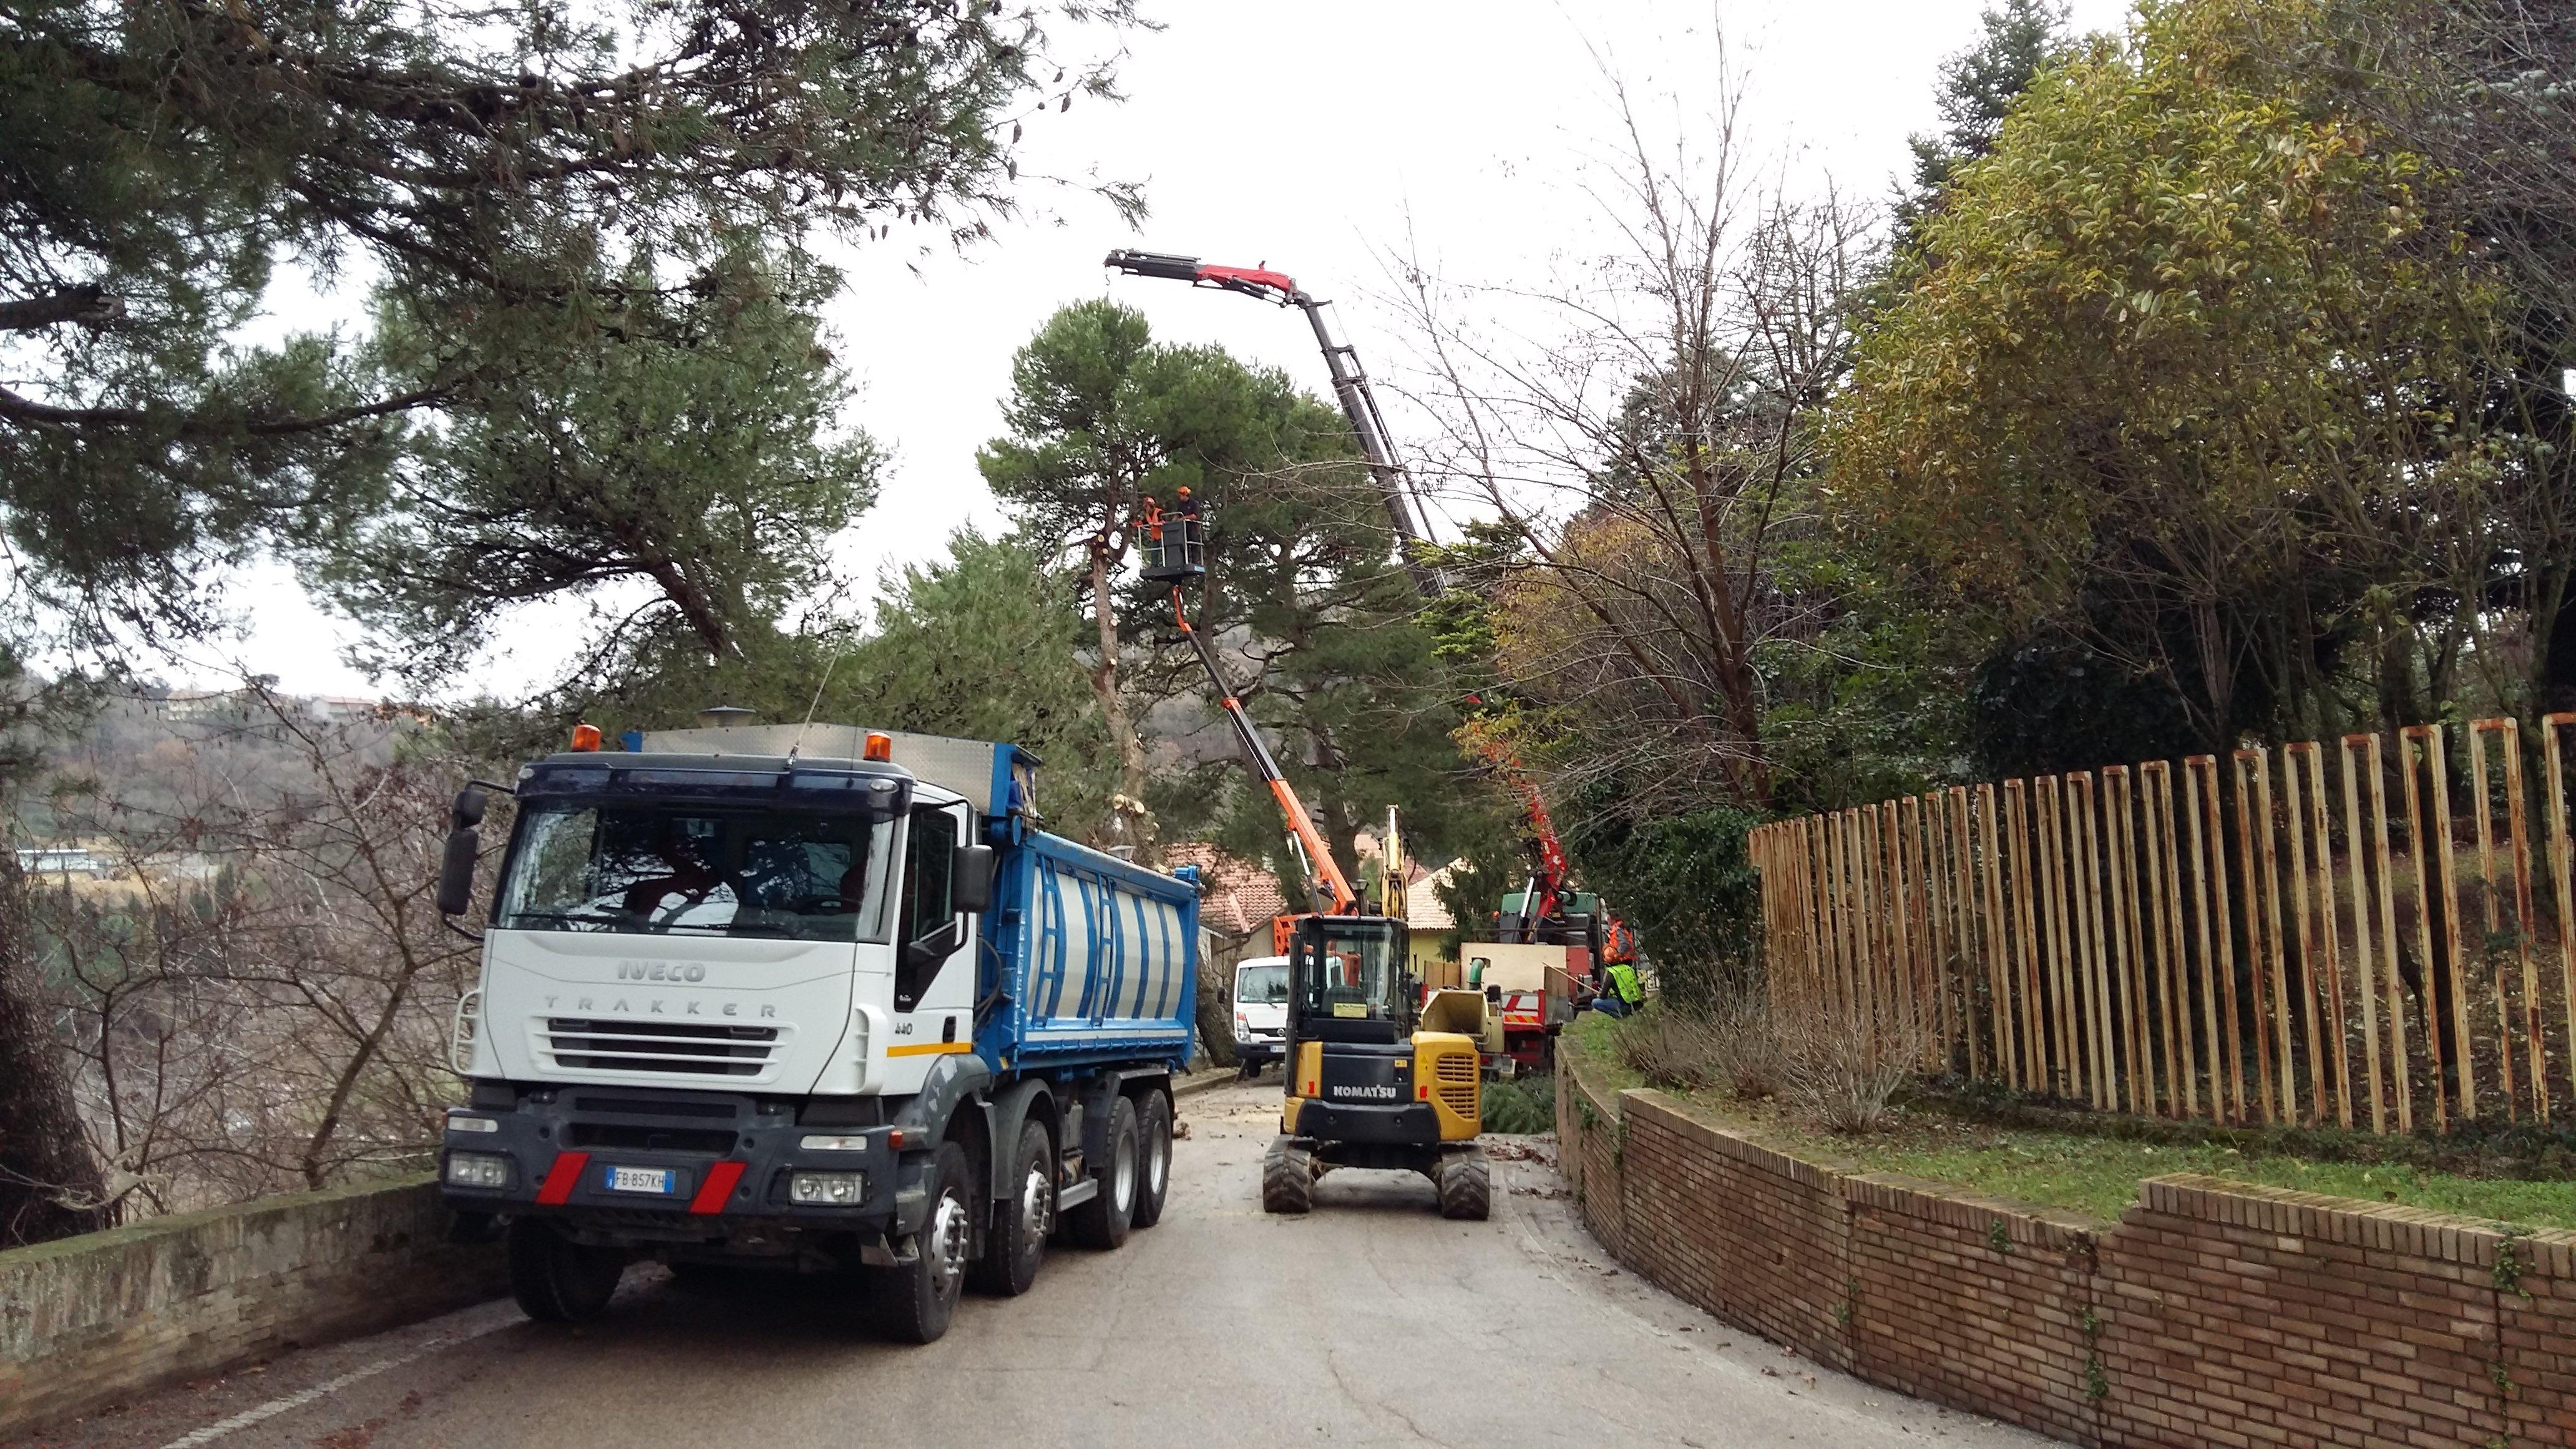 un camion carico di tronchi d'albero